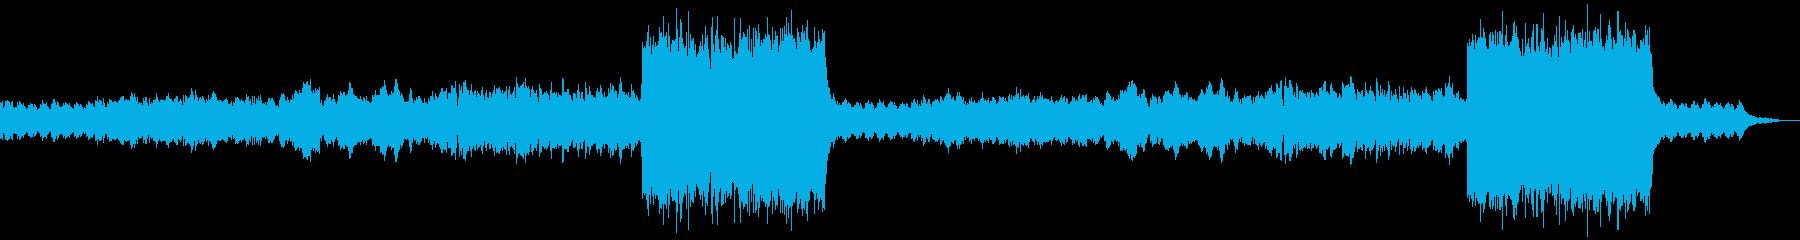 企業VP映像、156オーケストラ、希望Lの再生済みの波形